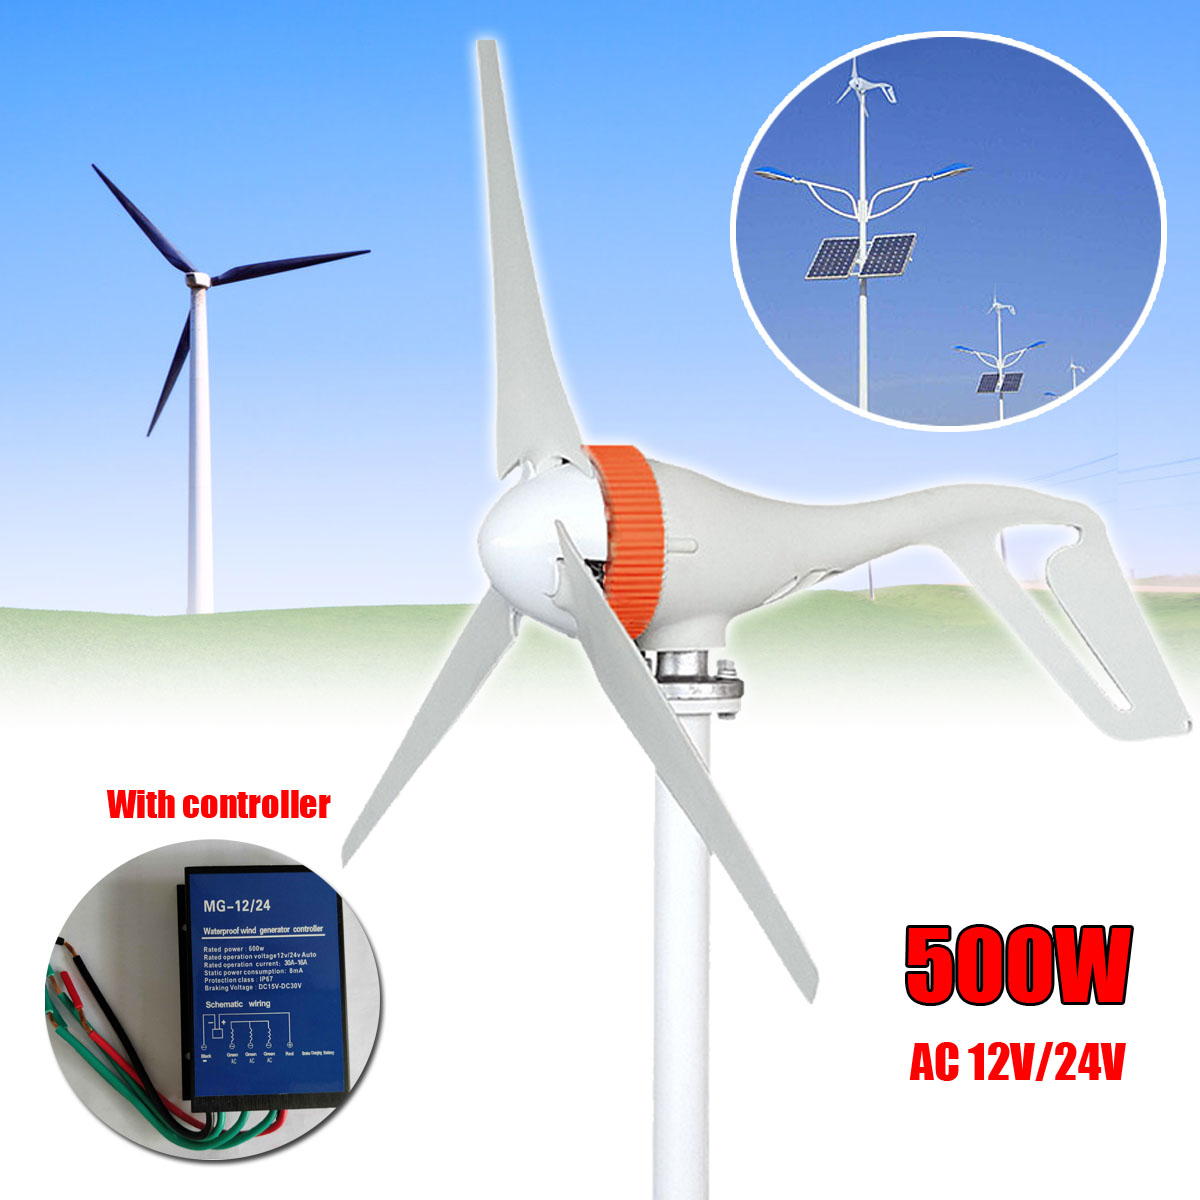 AC 12 v/24 v 500 w 3 Pale Eoliche Generatore di Mini Turbine Eoliche Turbine Eoliche Generatore In Miniatura Con per uso domestico